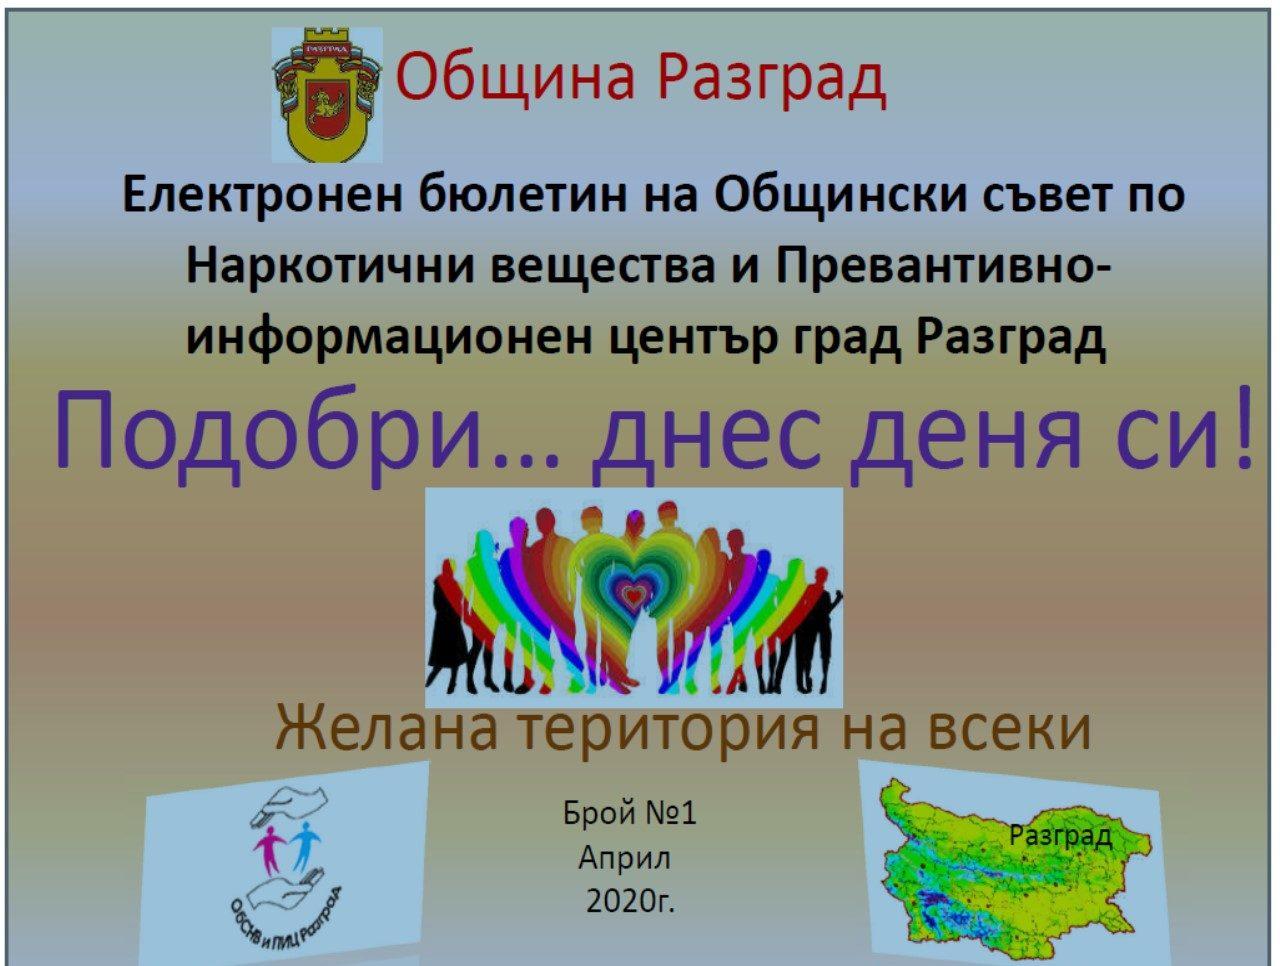 Общинският съвет по наркотични вещества в Разград изд� ...